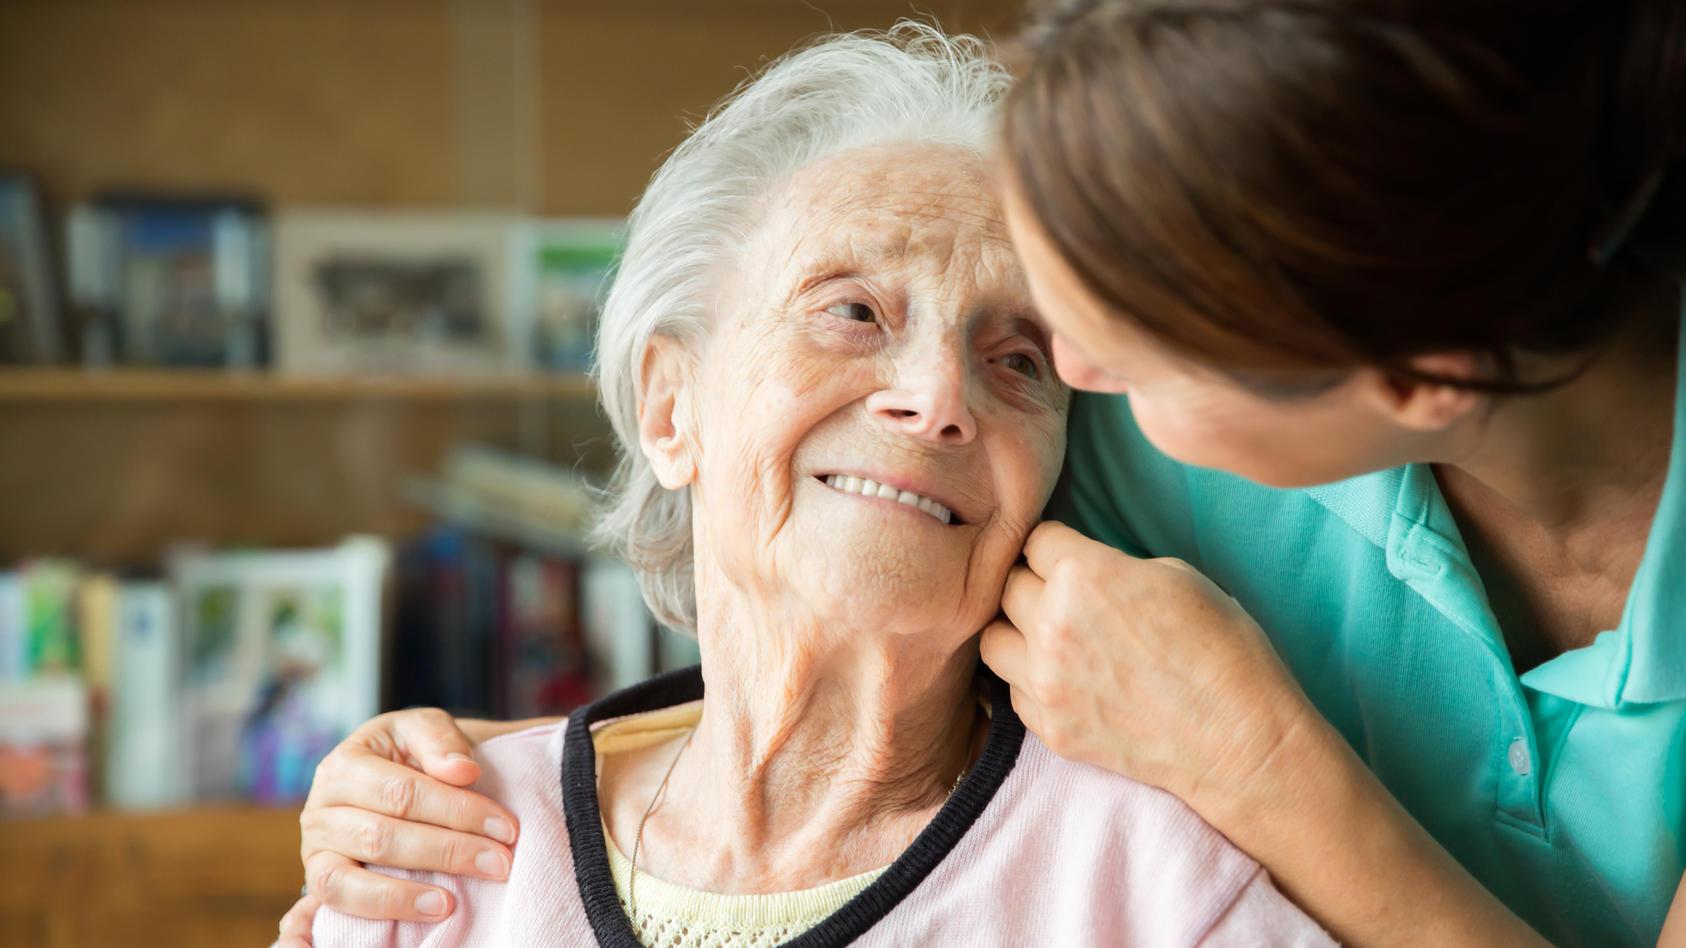 Im Alter sind wir auf gute Pflege angewiesen. Der Pflege-TÜV soll uns bei der Auswahl eines geeigneten Pflegeheims helfen.